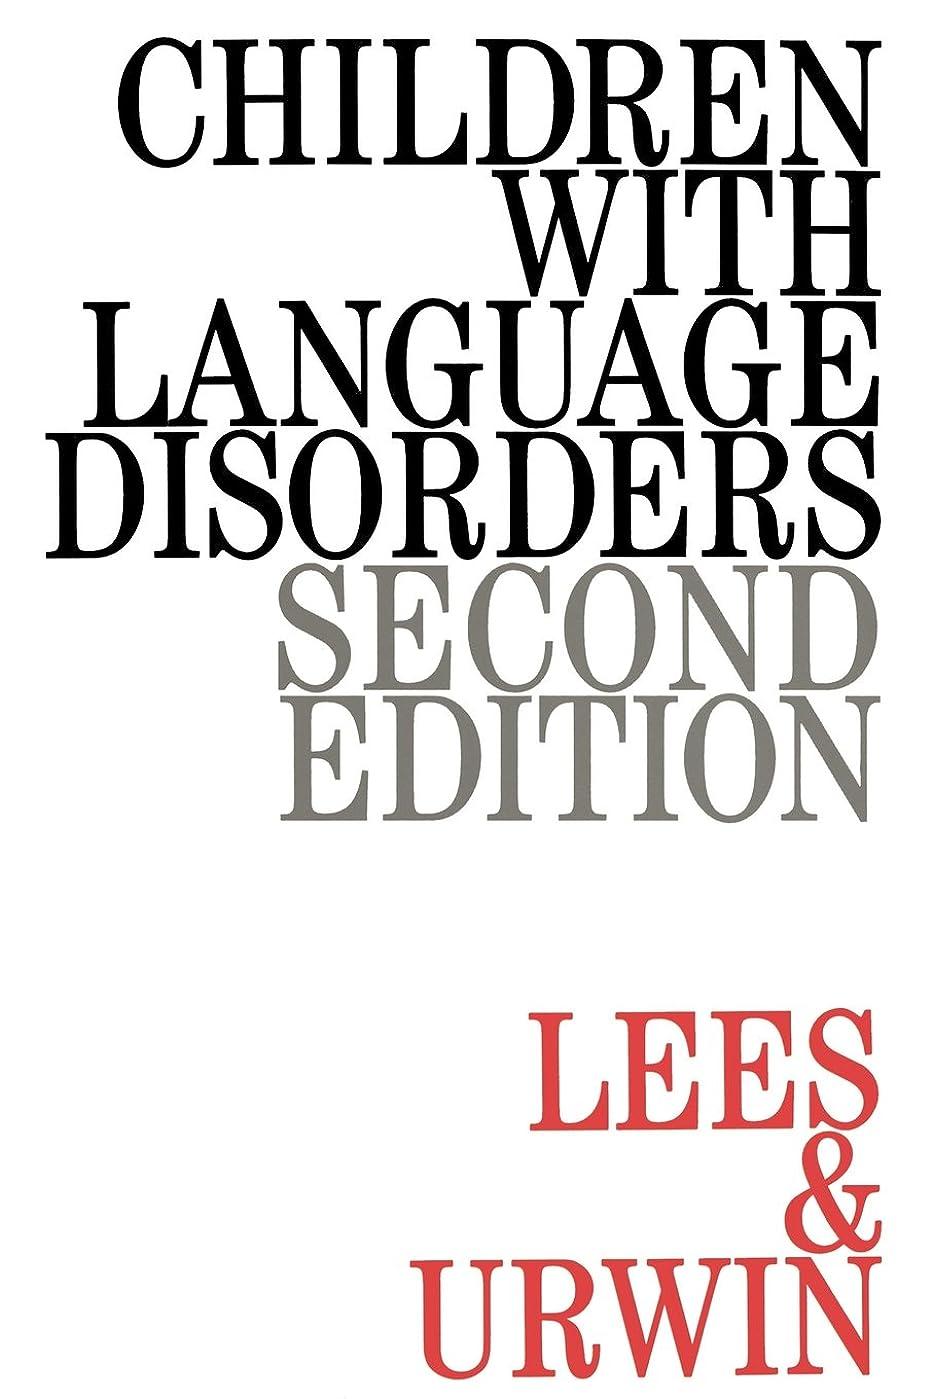 パパ恐ろしい壊すChildren with Language Disorders